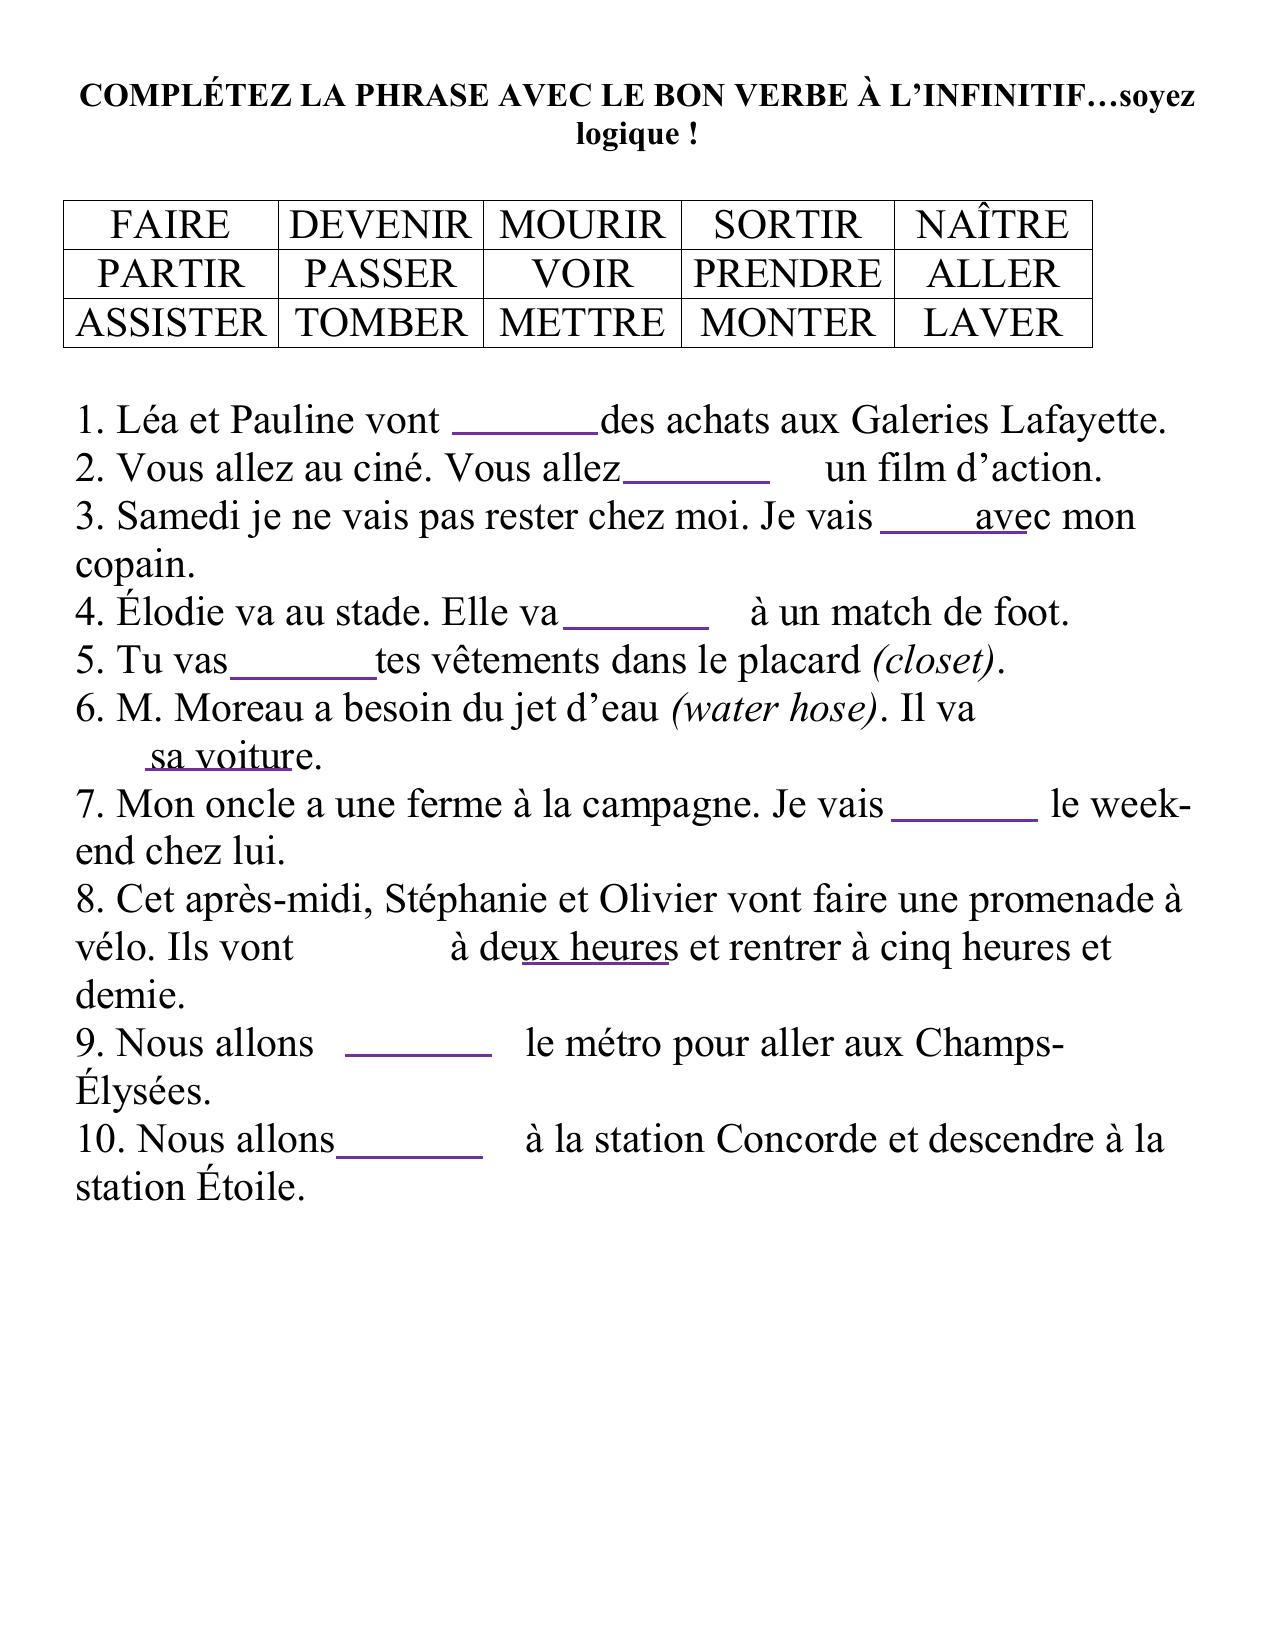 Completez La Phrase Avec Le Bon Verbe A L Infinitif